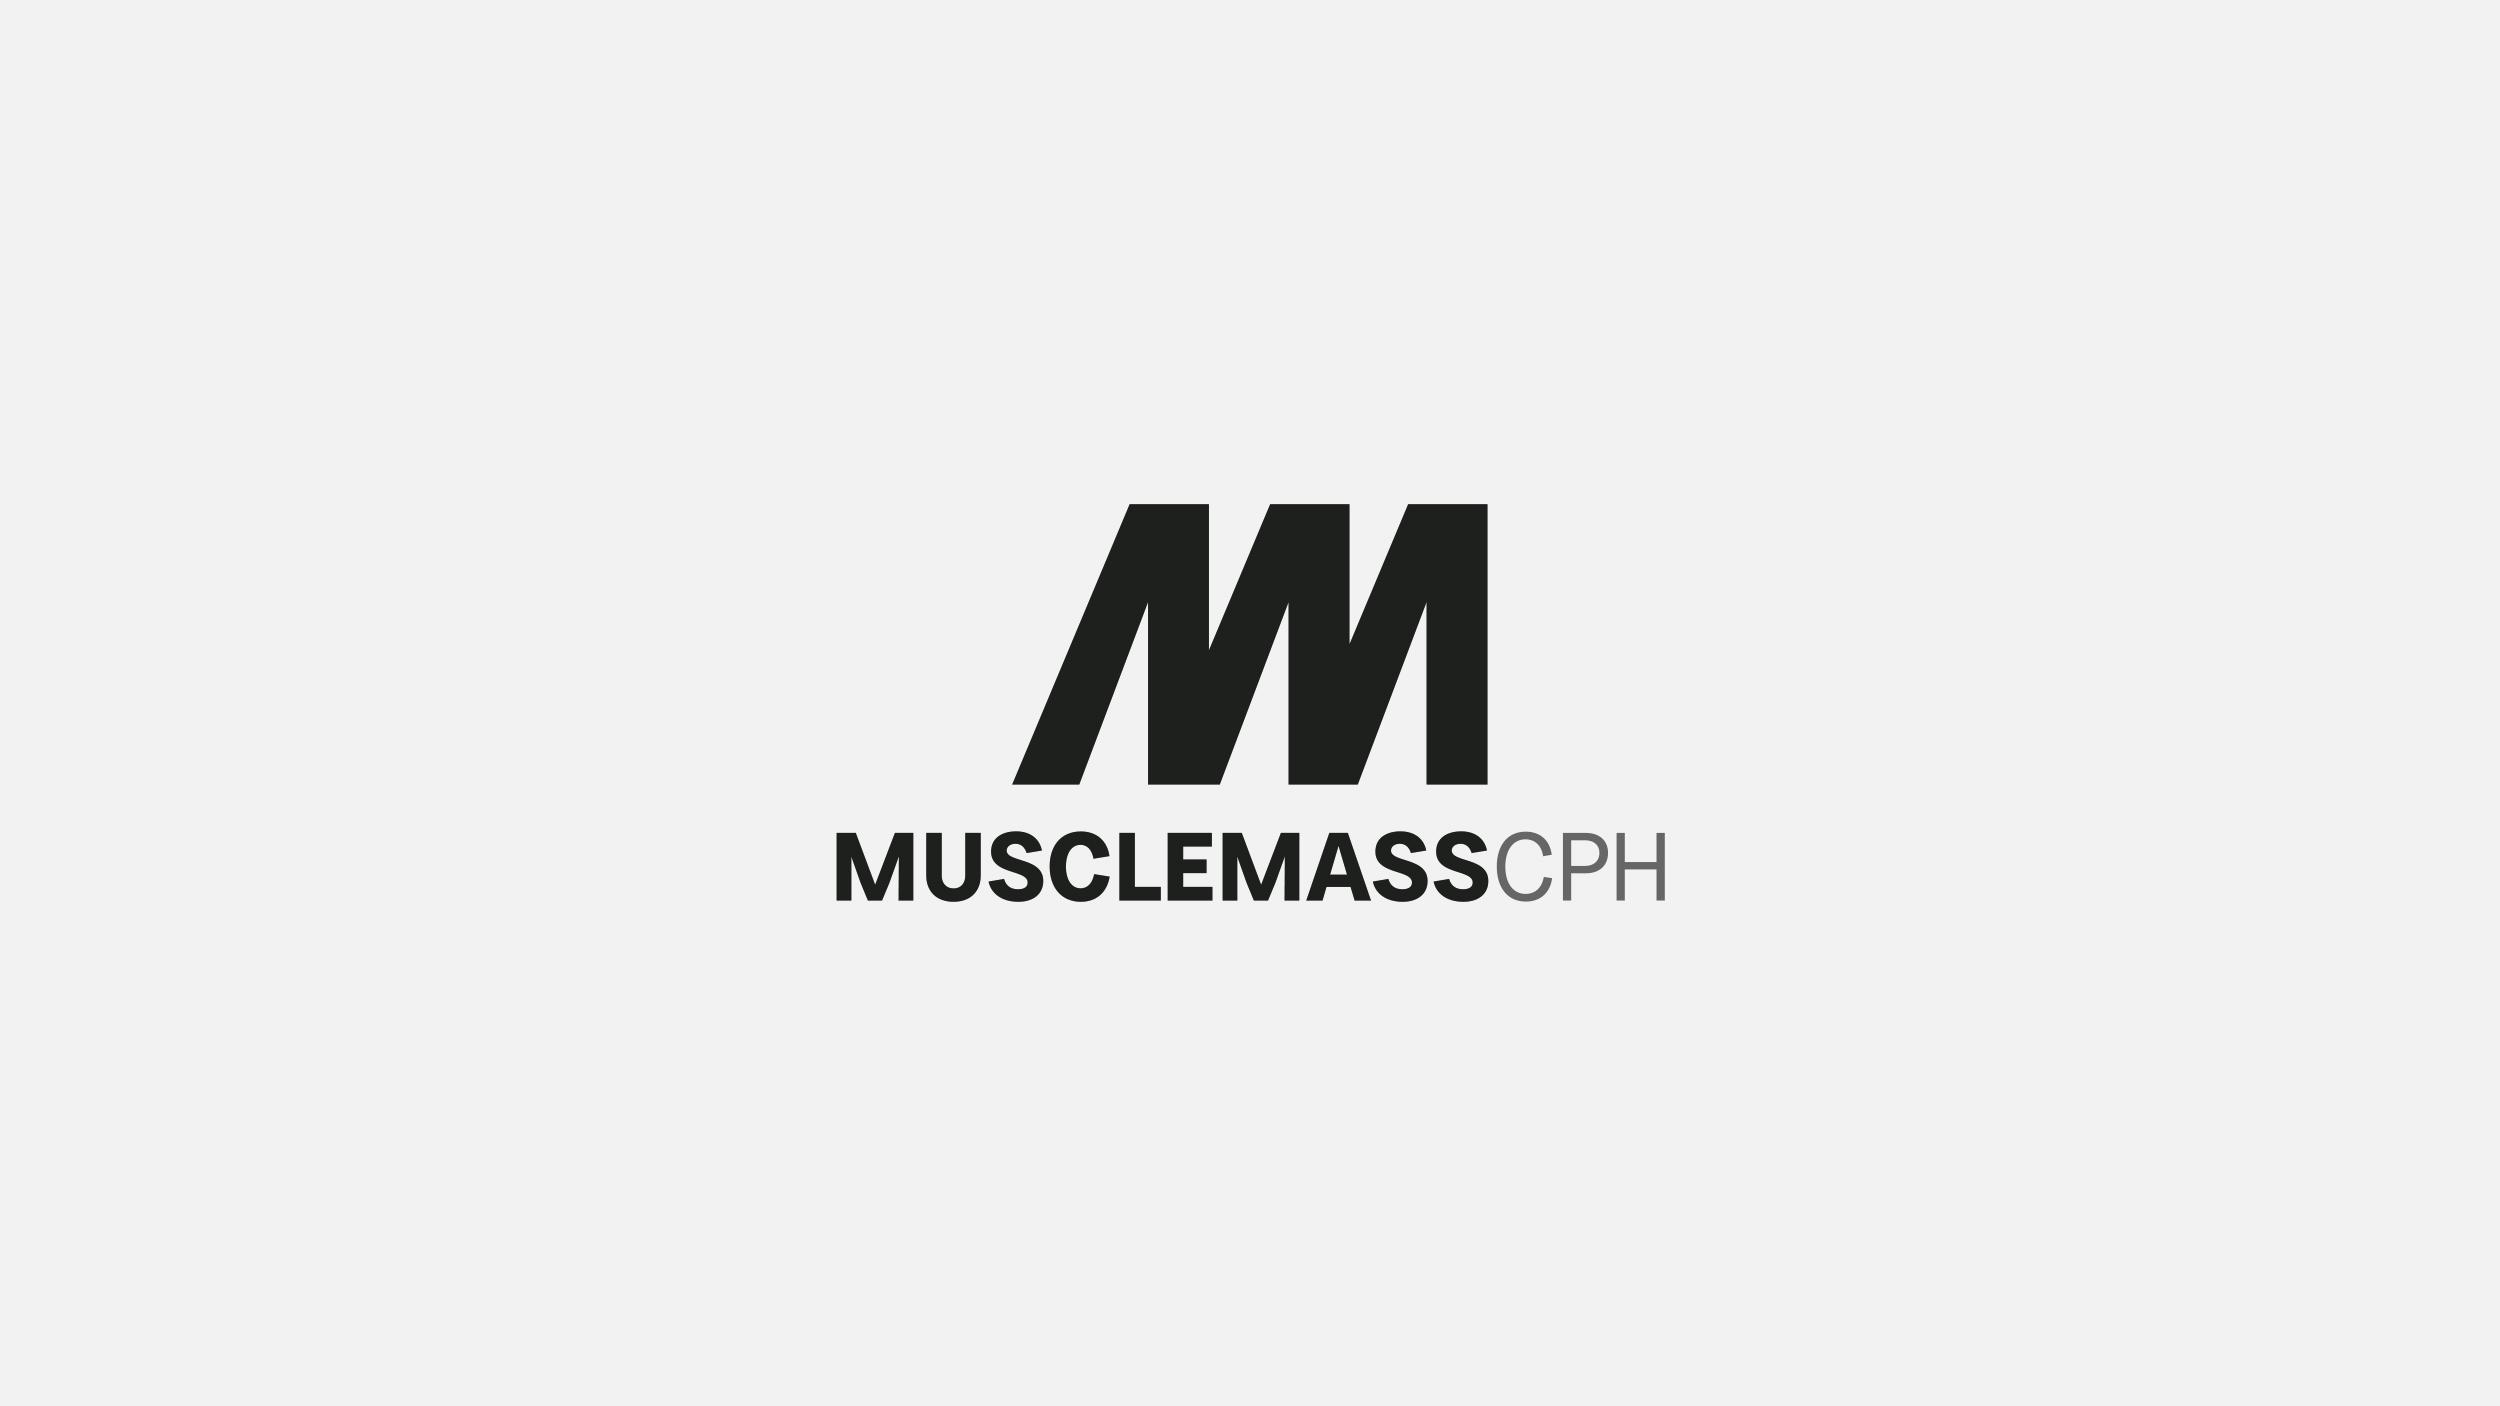 Logo_0000_MuscleMassCph